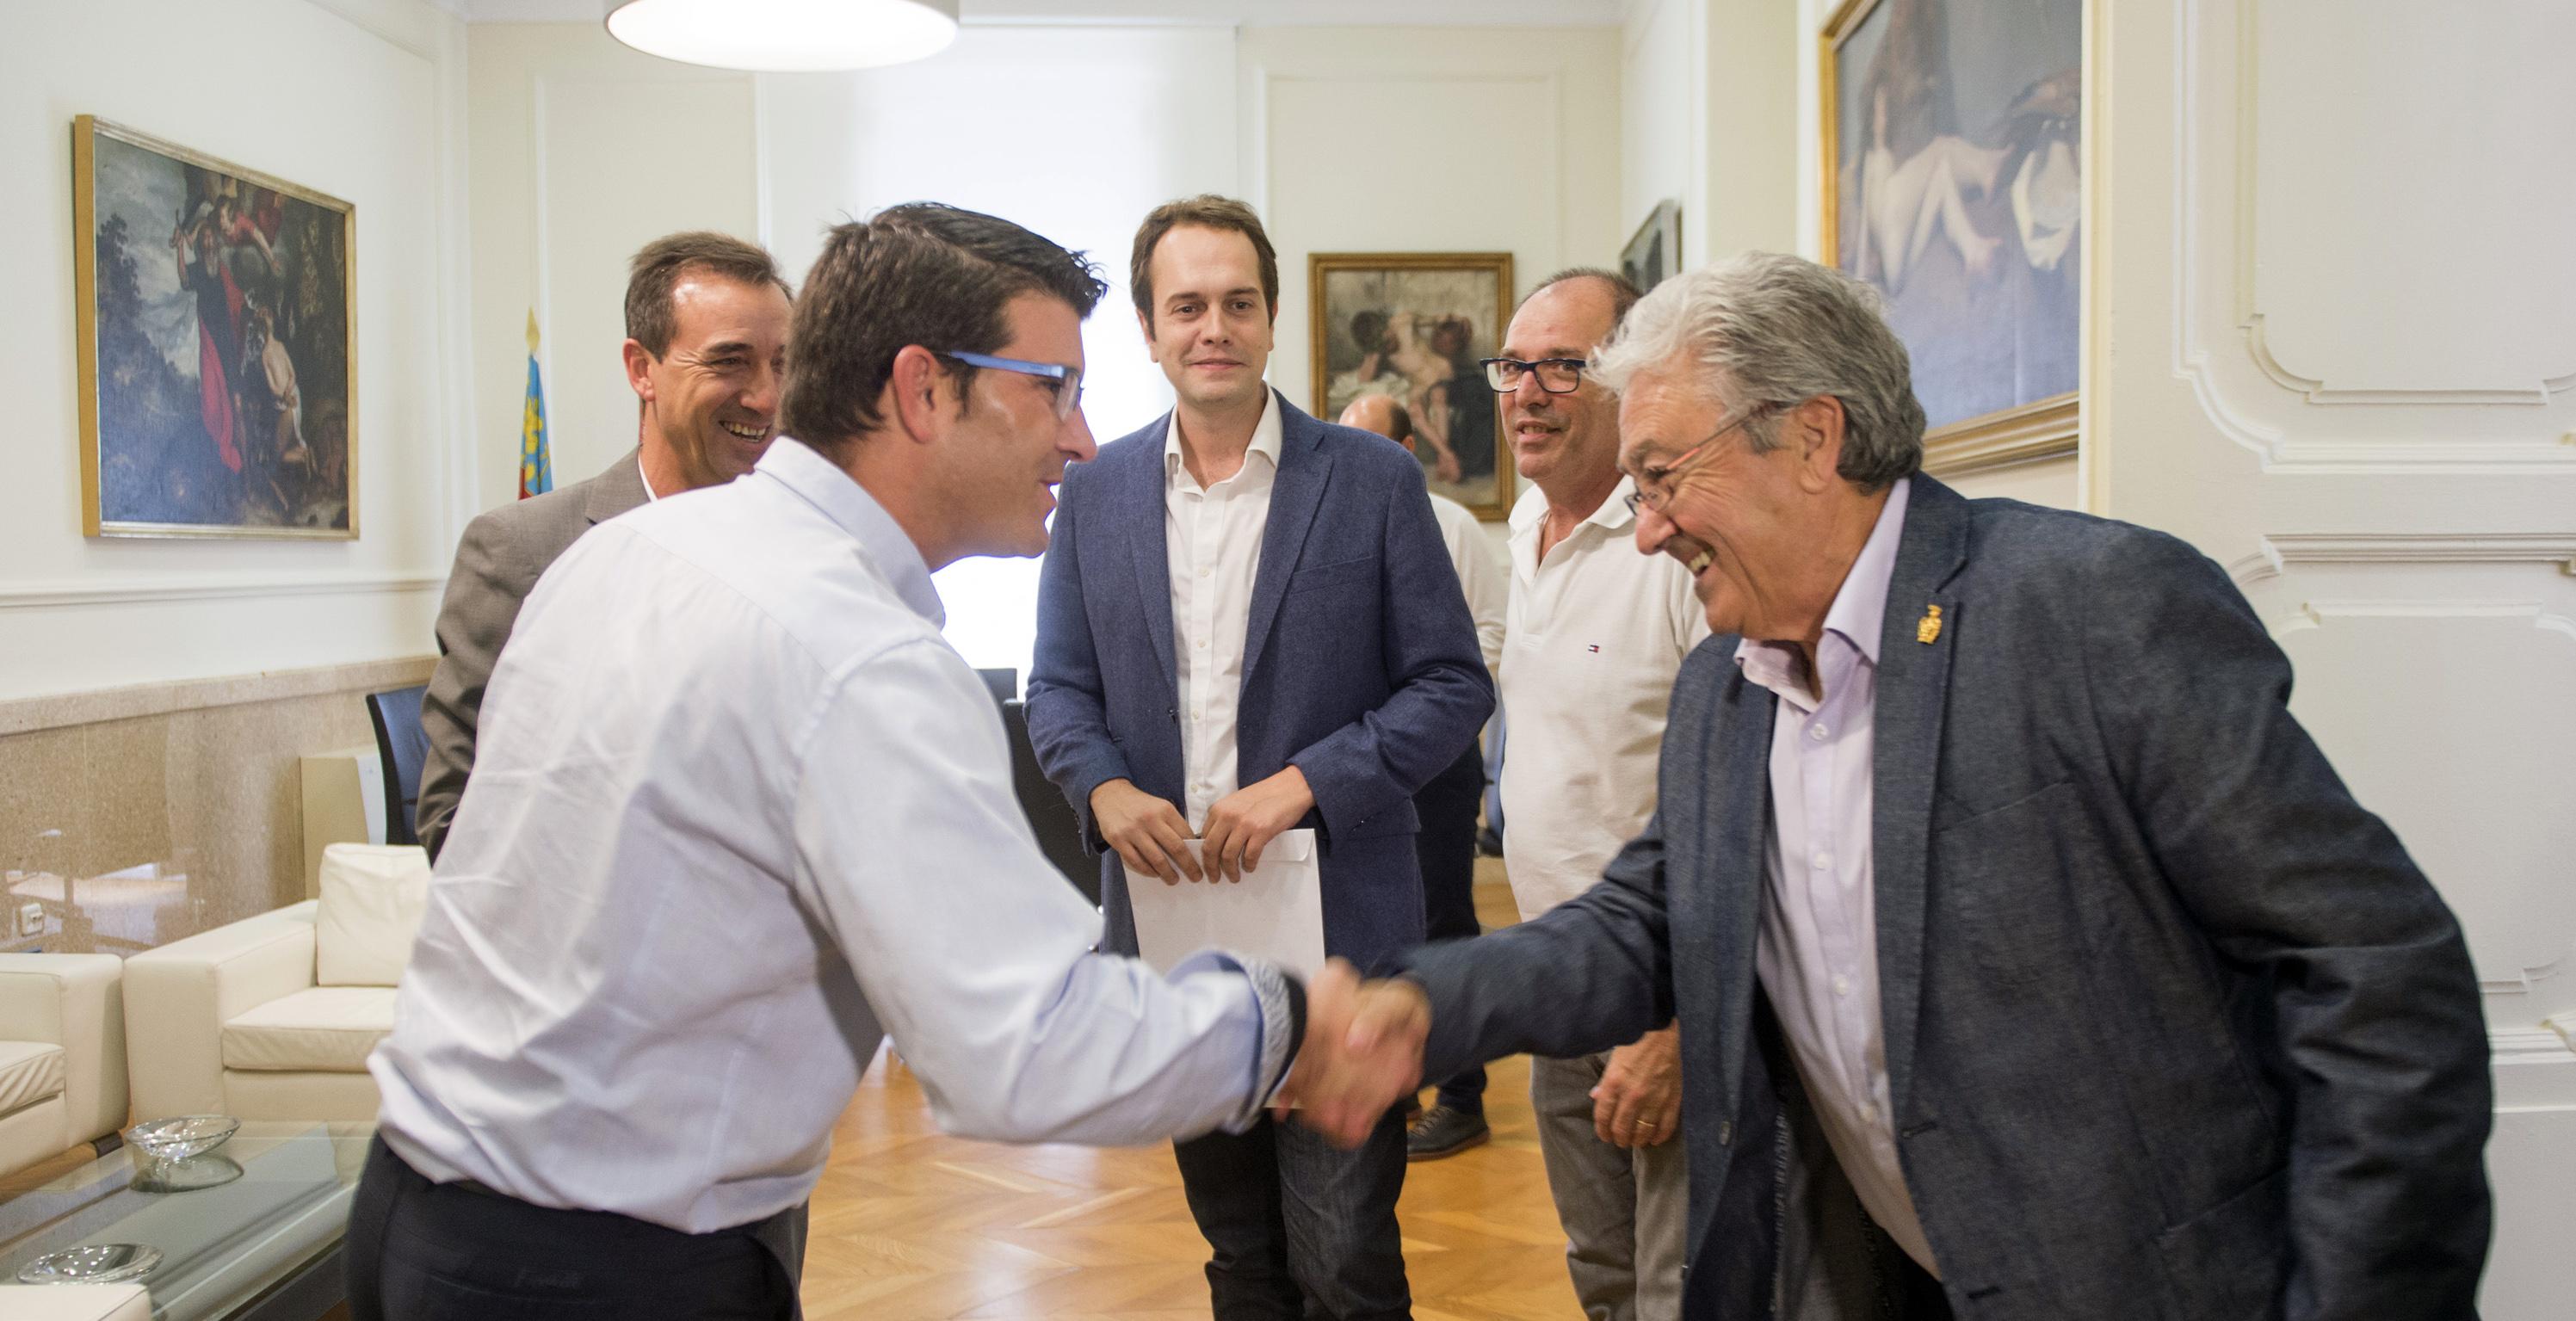 La Corporación provincial colaborará en la elaboración de este proyecto de dinamización económica a través de Divalterra y la Cátedra creada por la empresa pública y la Universidad Politécnica.